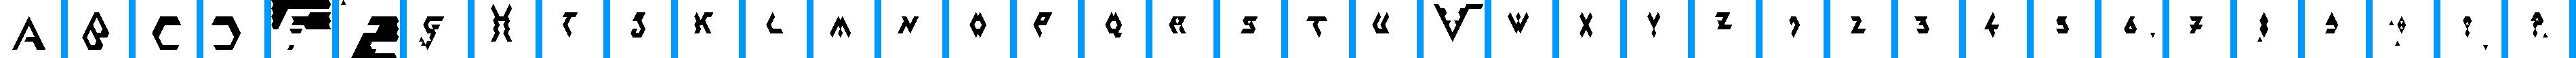 Particip-a-type v.141